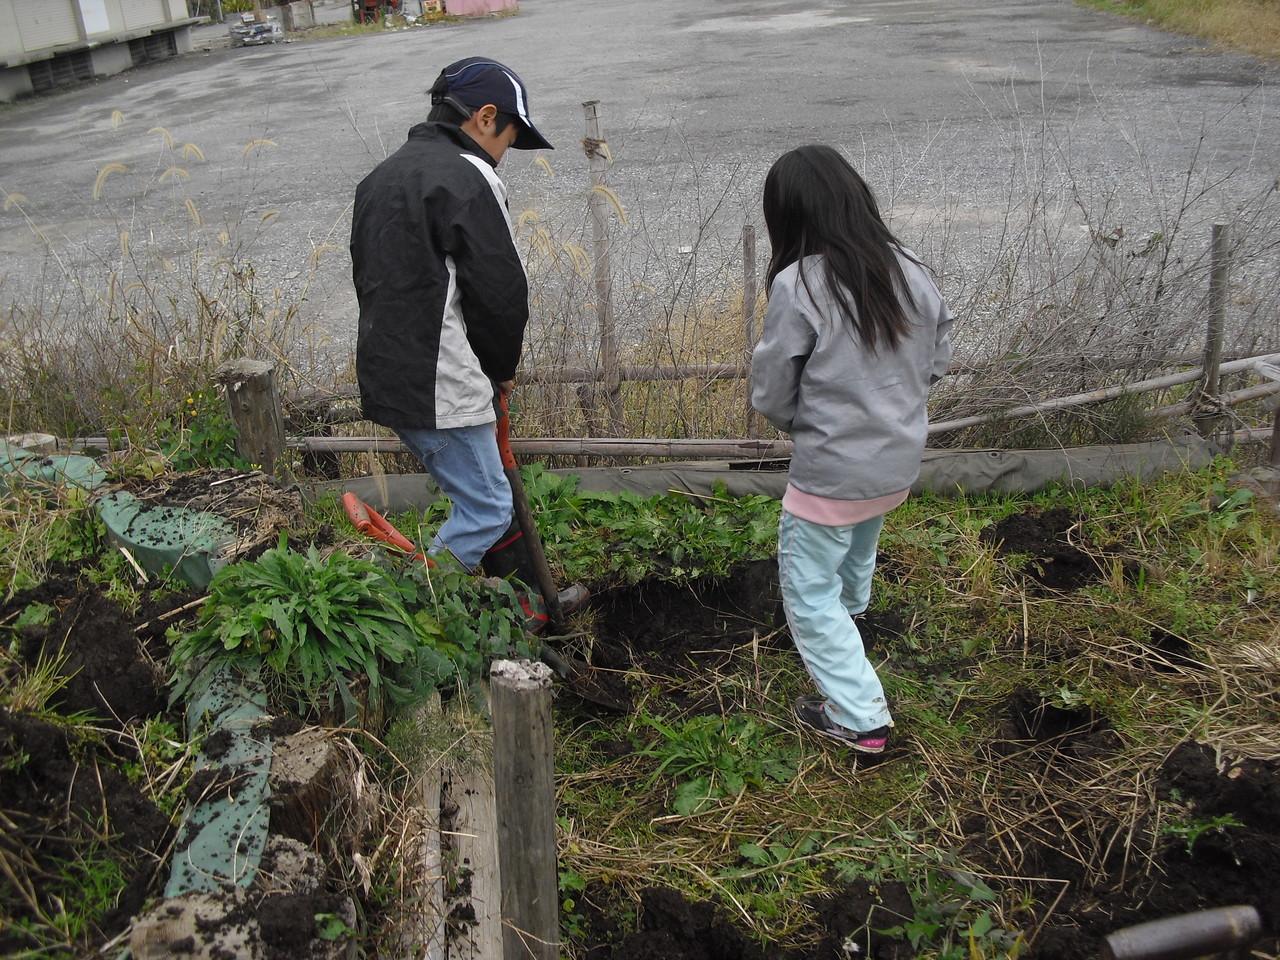 来年の米作りのために、土の下に引いたシートを強化し、水を田んぼにできるだけ留めておくようにしたいのです。